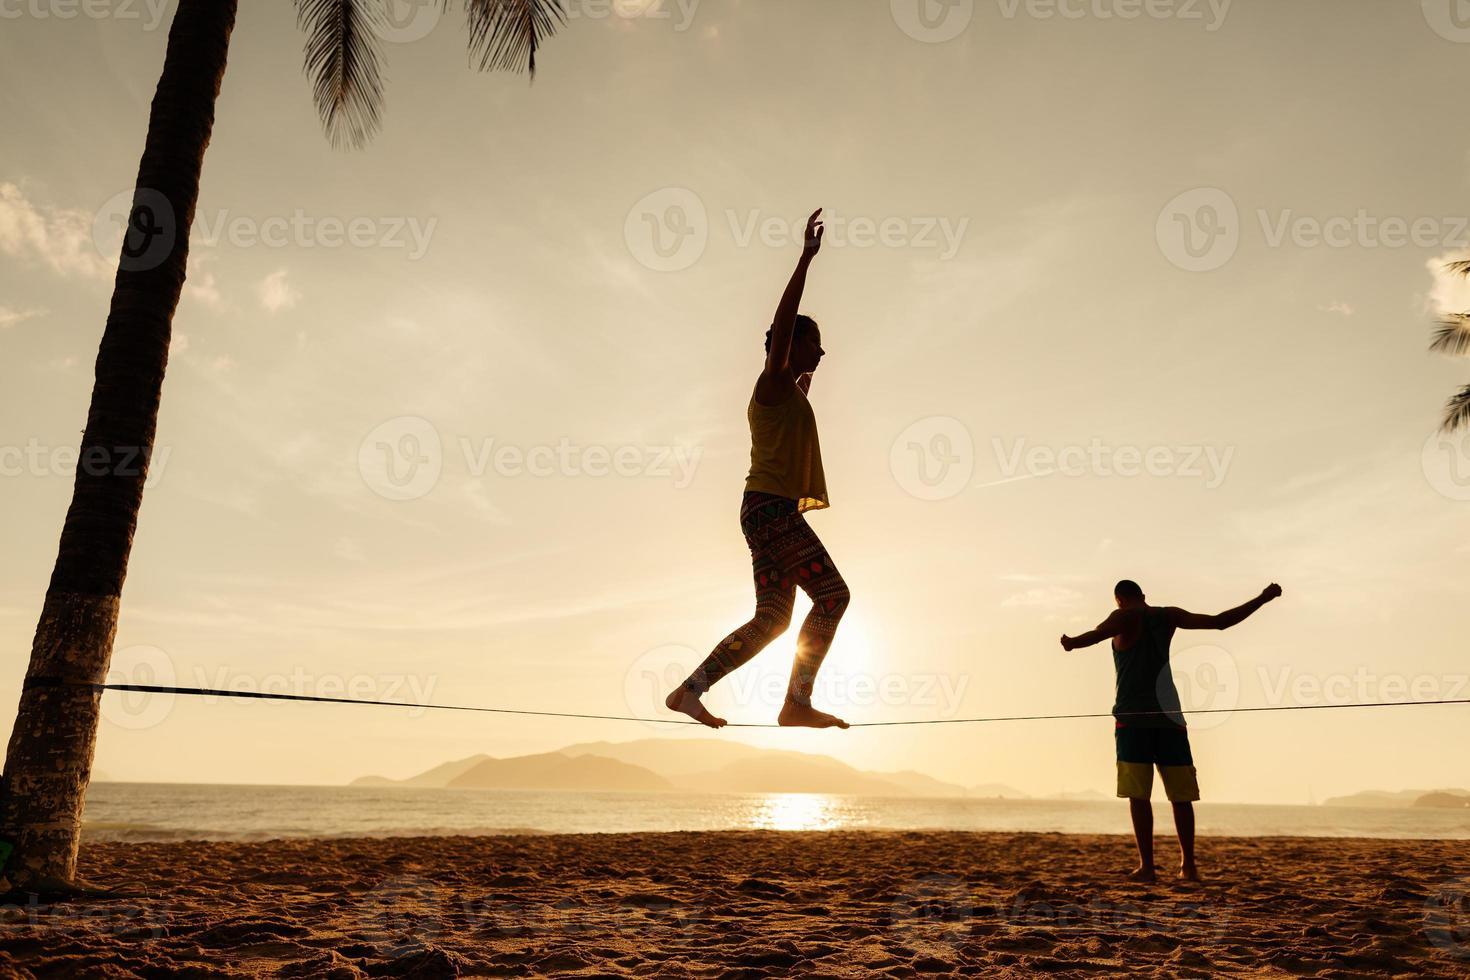 equilibrio de adolescentes en silueta de slackline foto